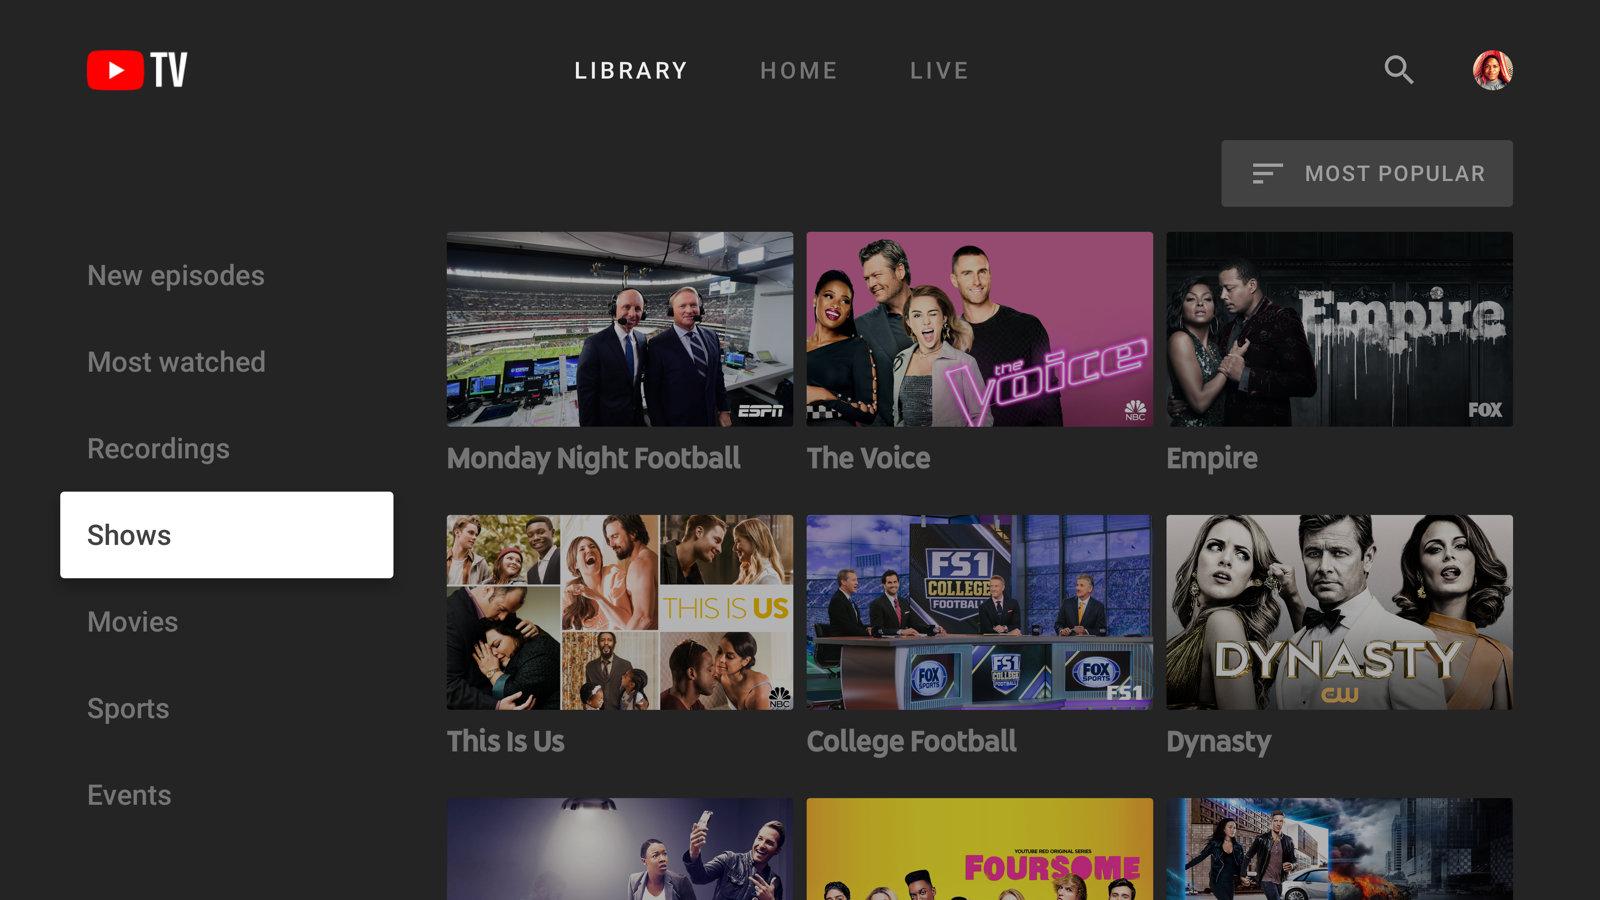 Youtube tv OTT platforms